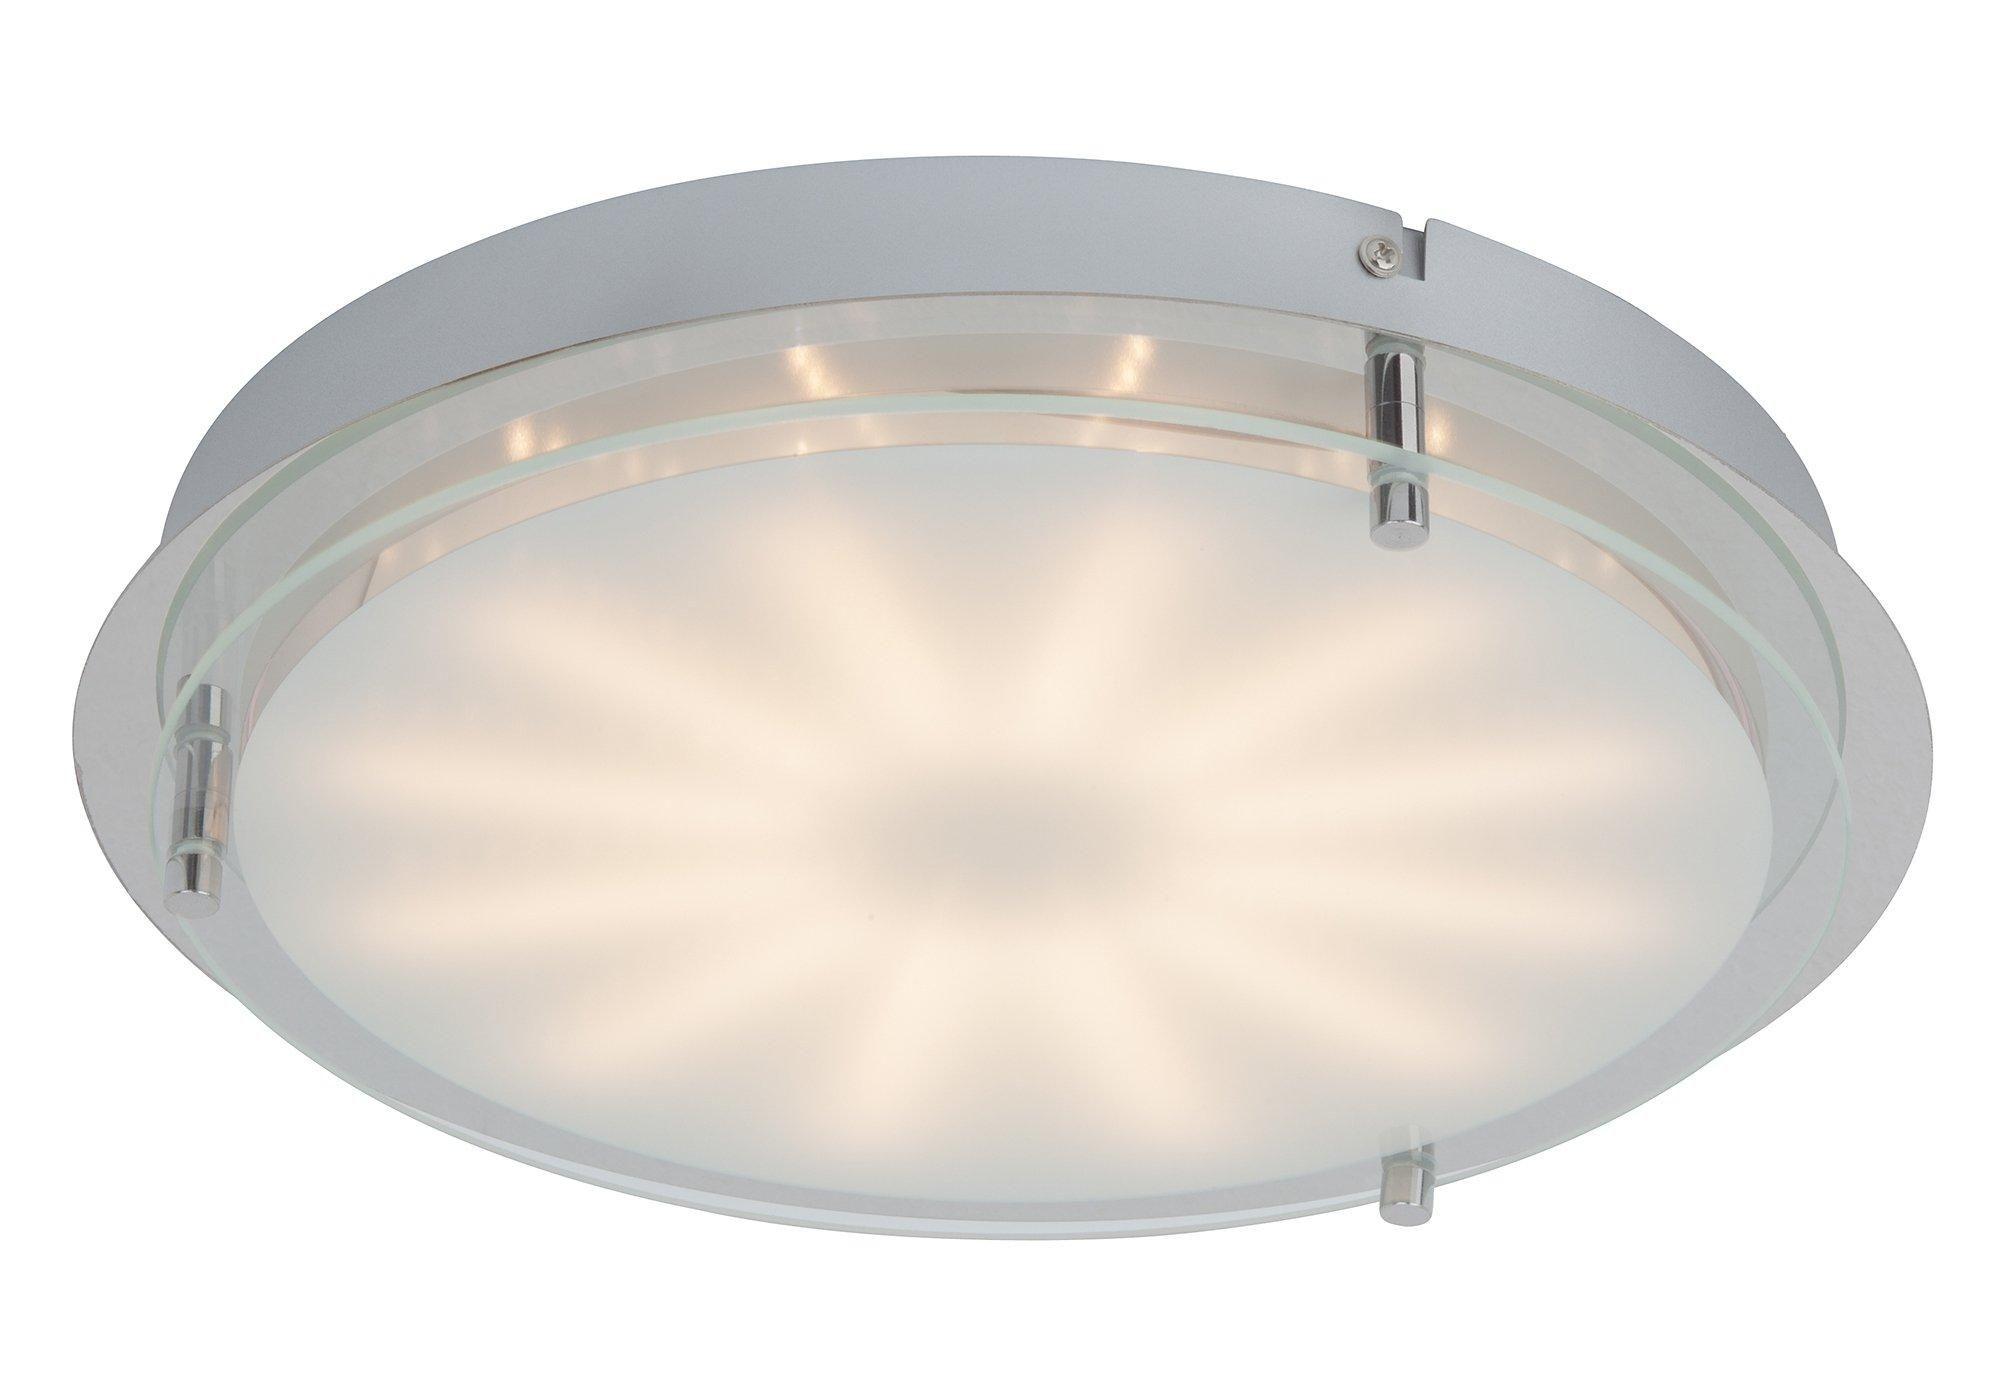 Badezimmer Beleuchtung Elegant Sam Badezimmer Spiegelschrank